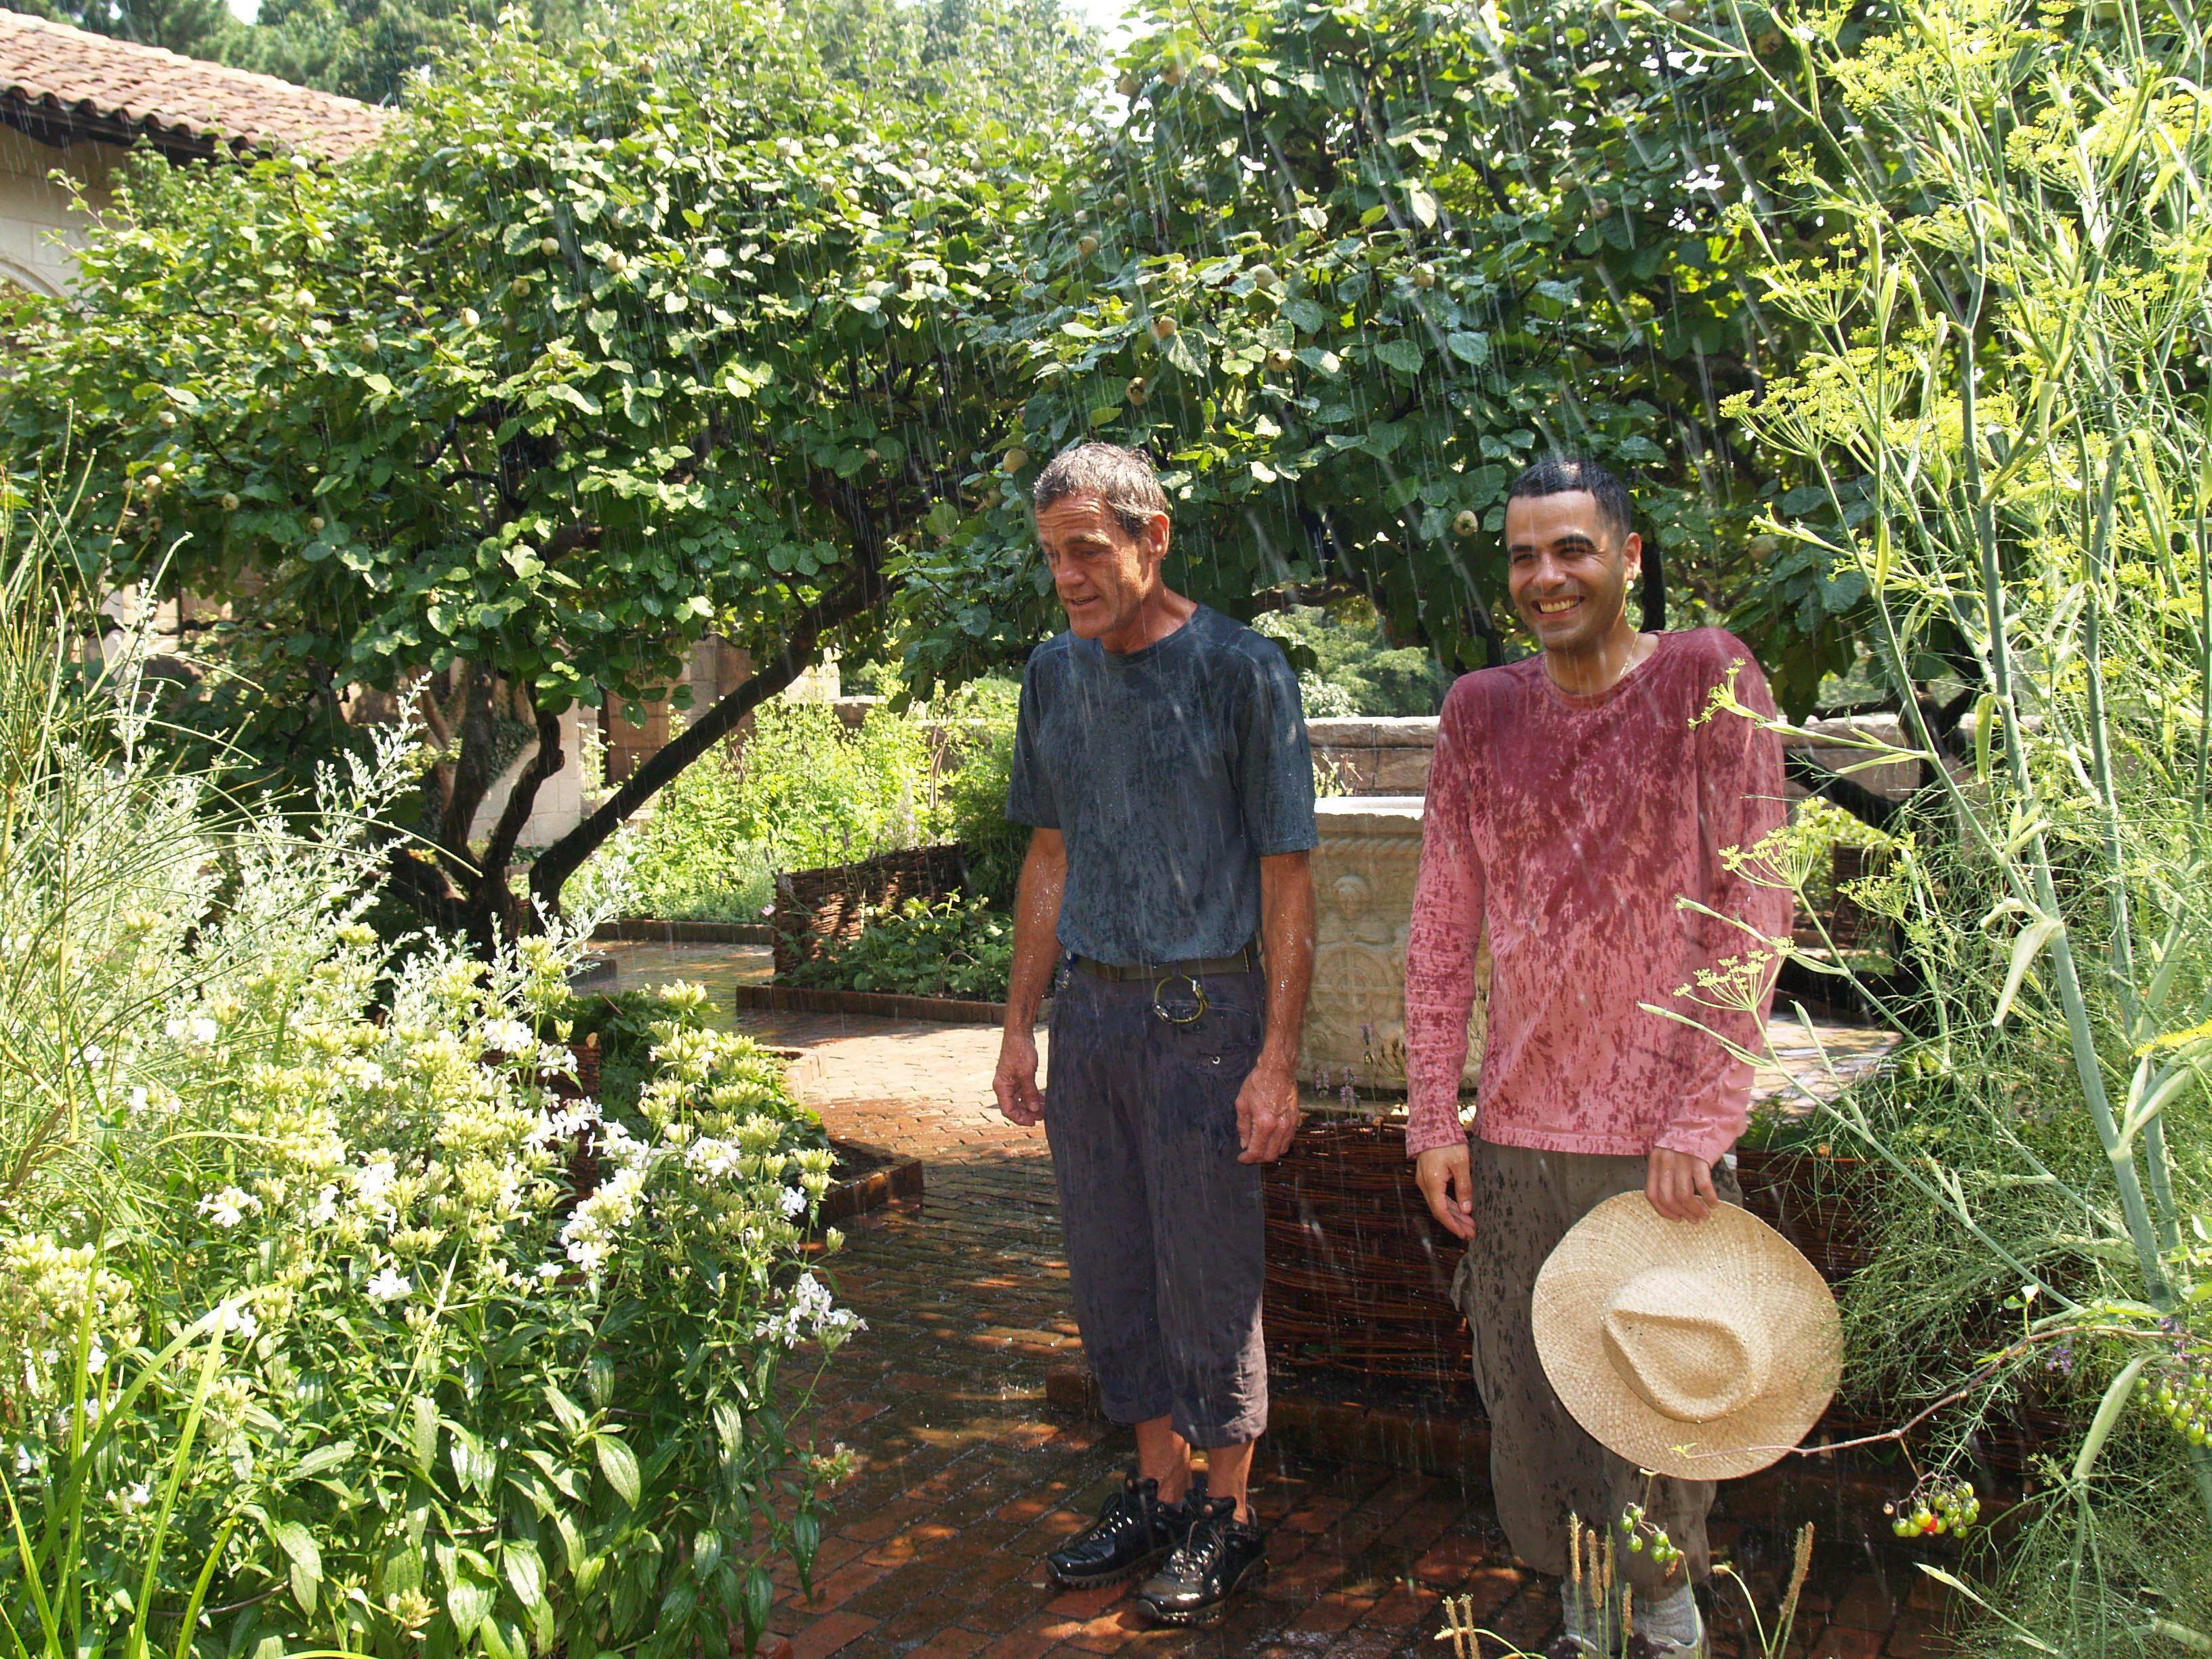 Watering the Gardeners